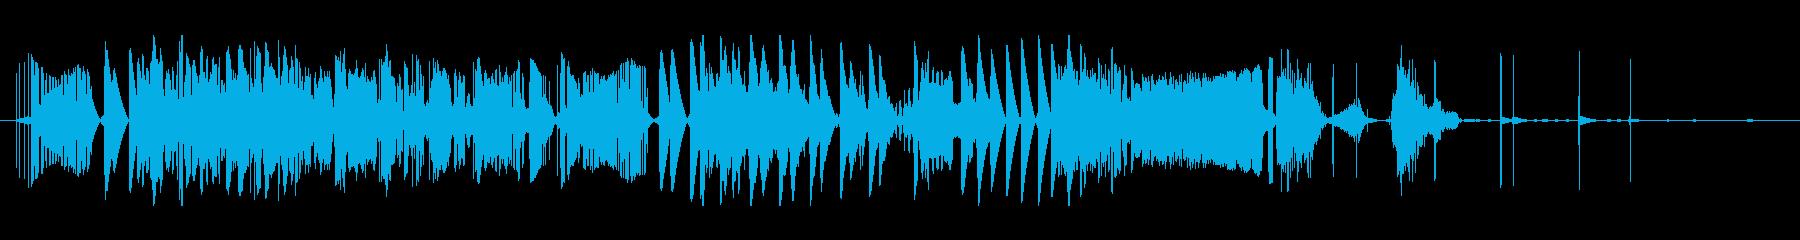 エレクトロザップの再生済みの波形